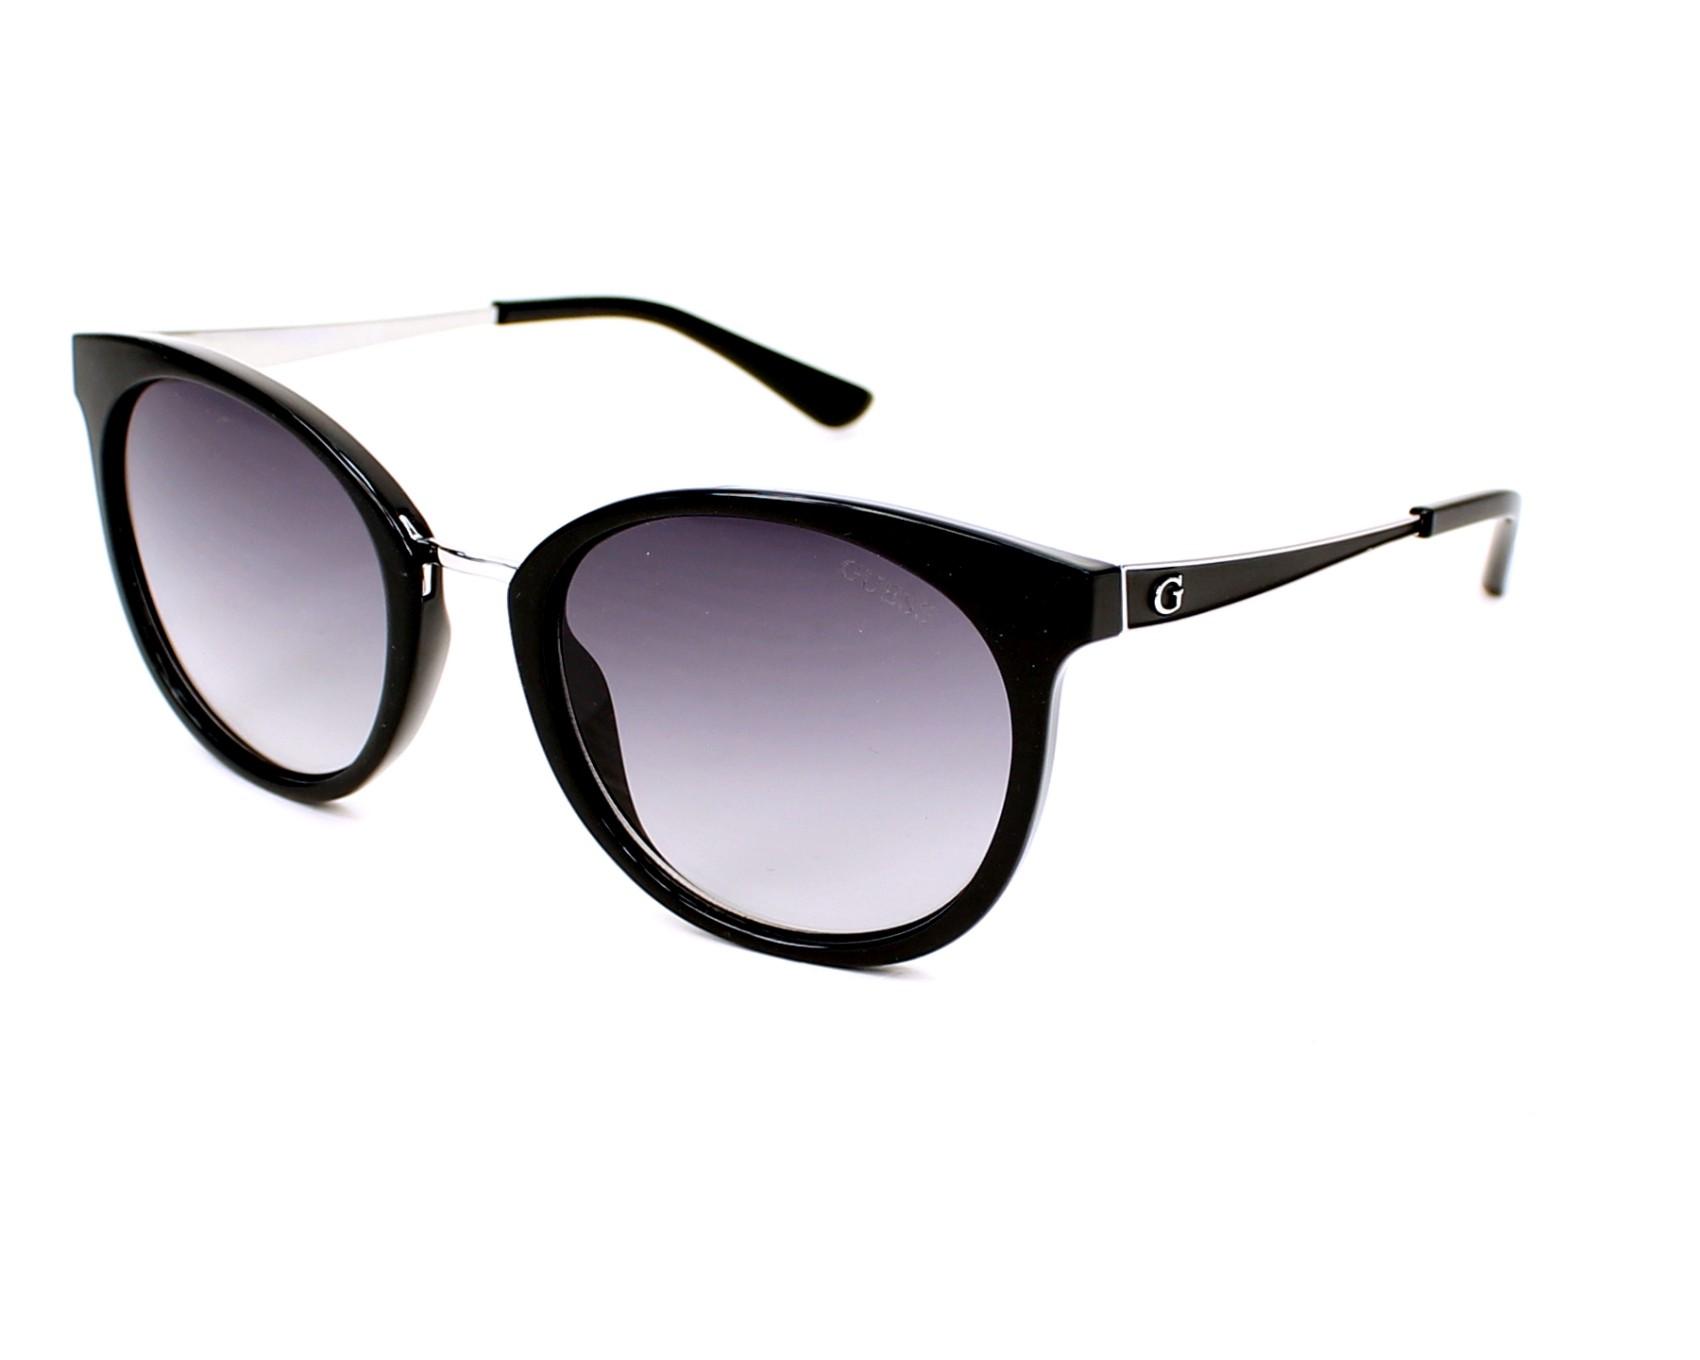 e25df31e41e Sunglasses Guess GU-7459 01B 52-20 Black Silver profile view